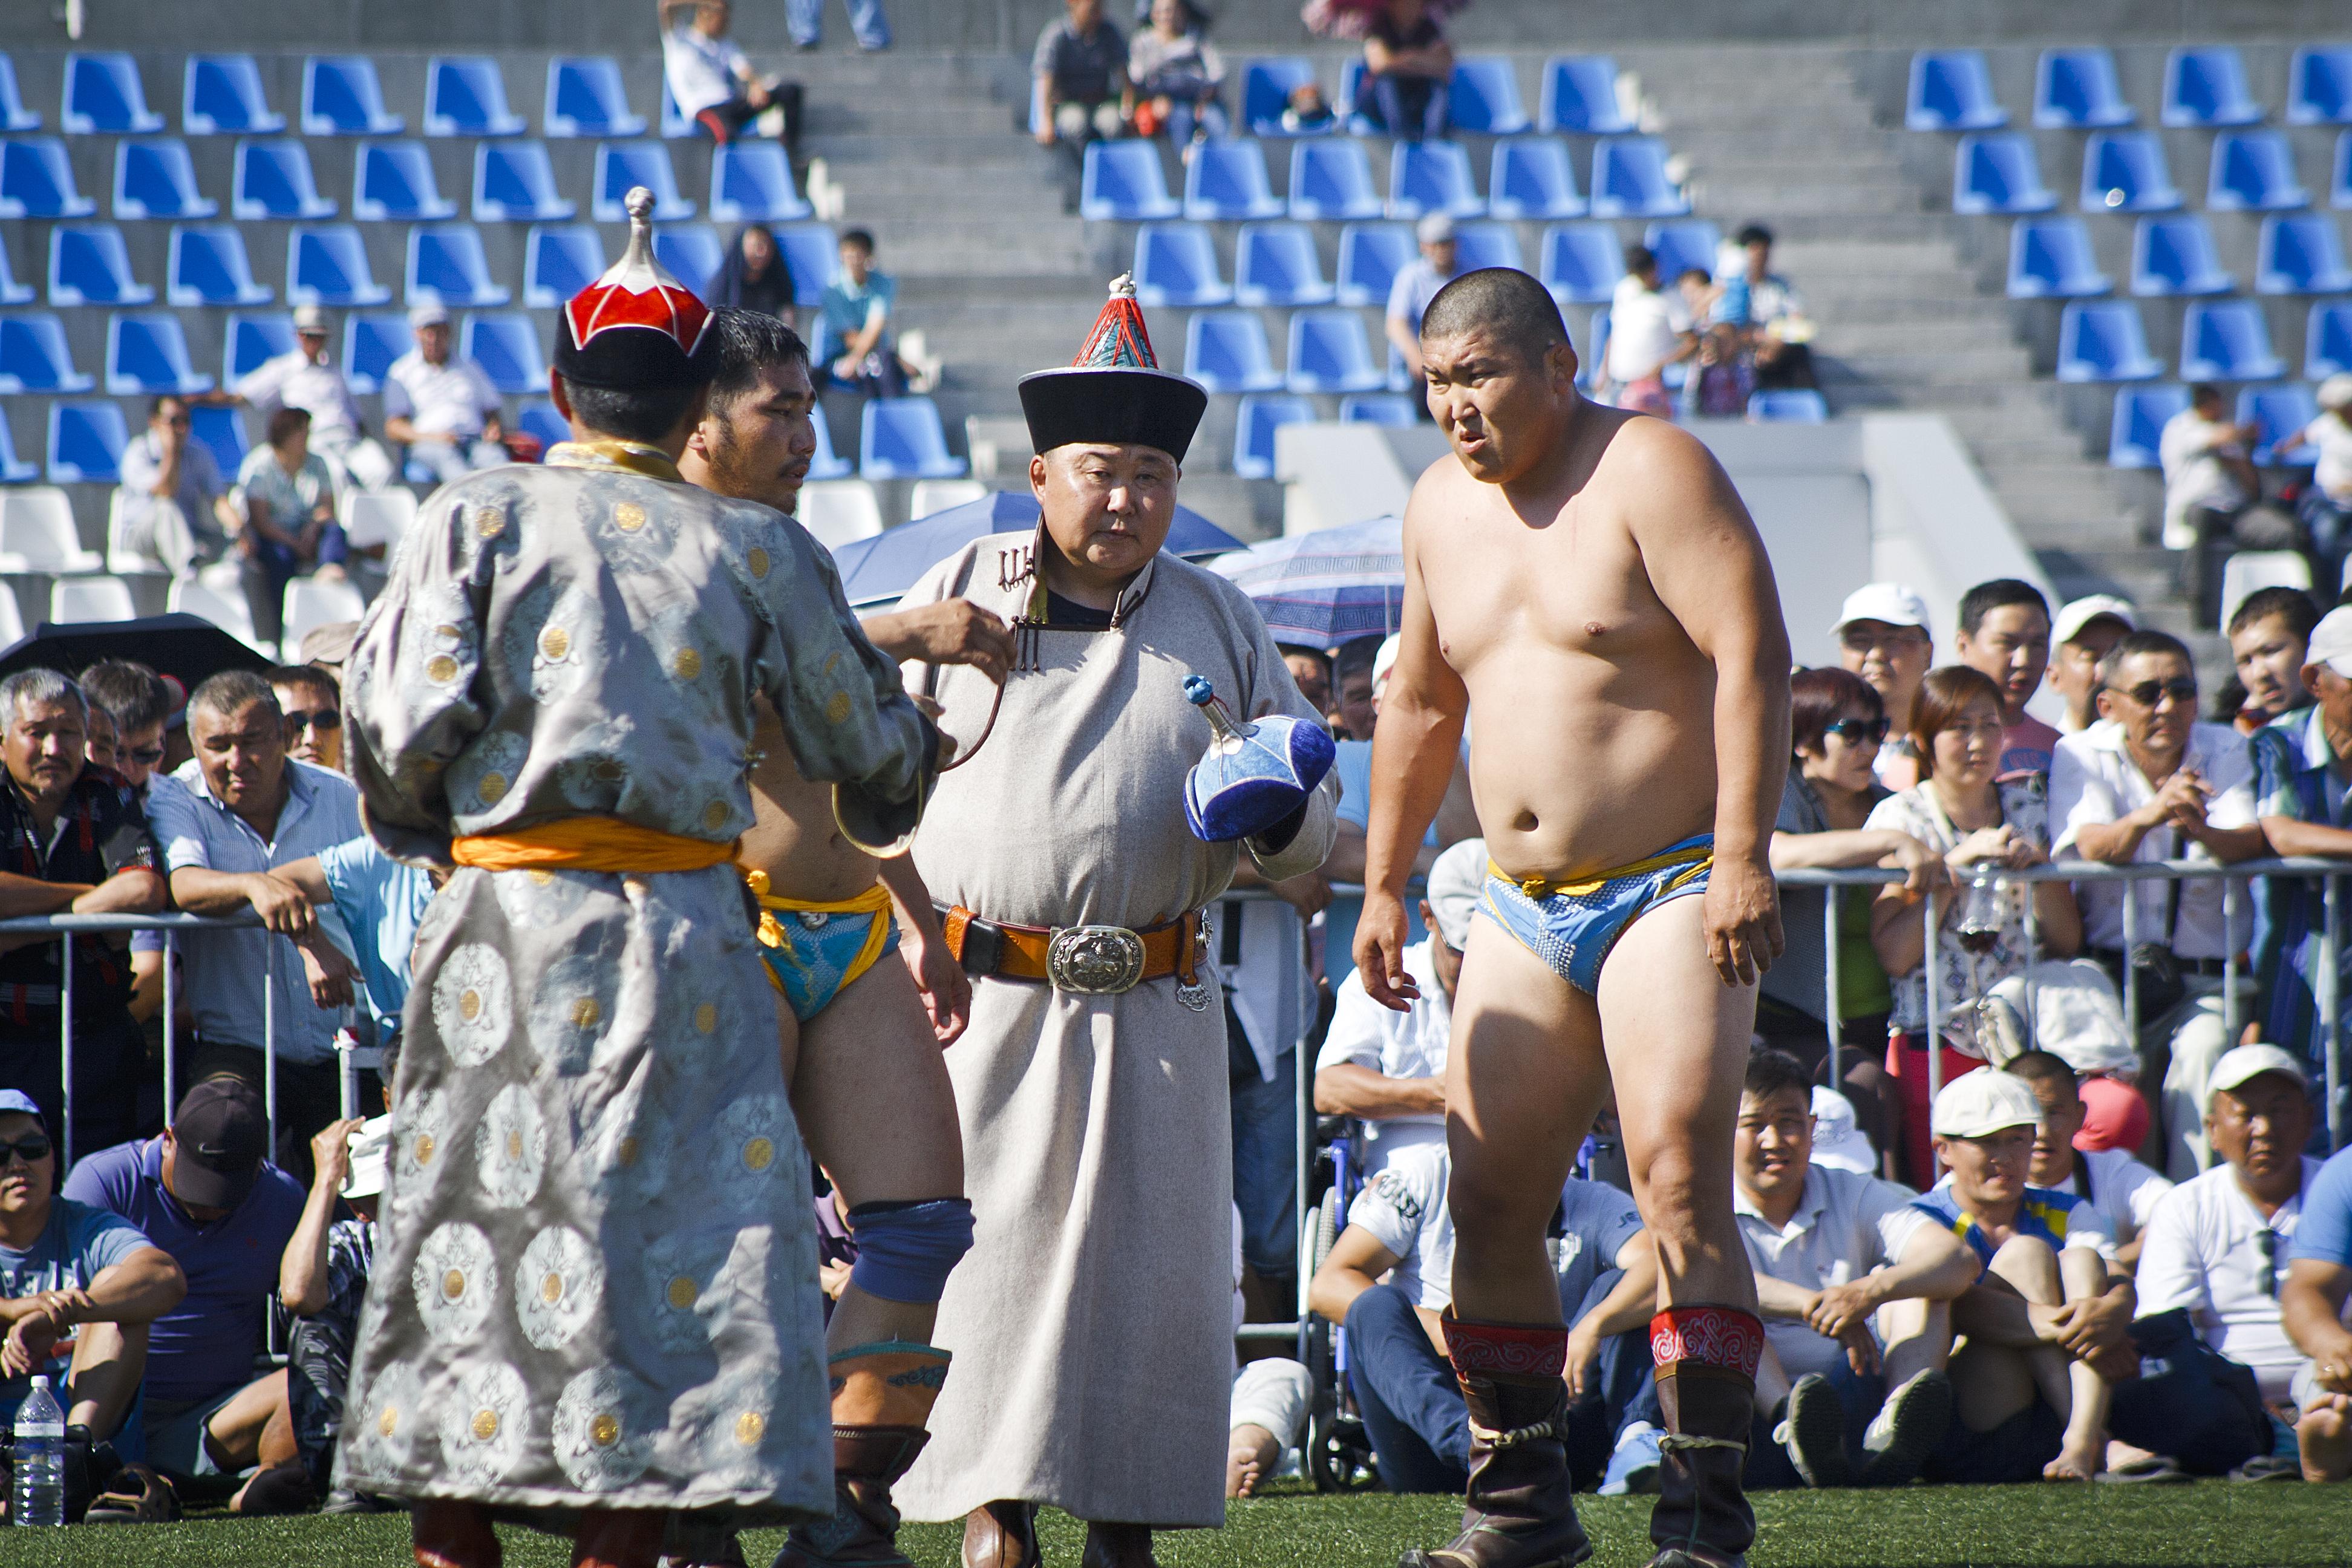 Японки проходят медосмотр 28 фотография